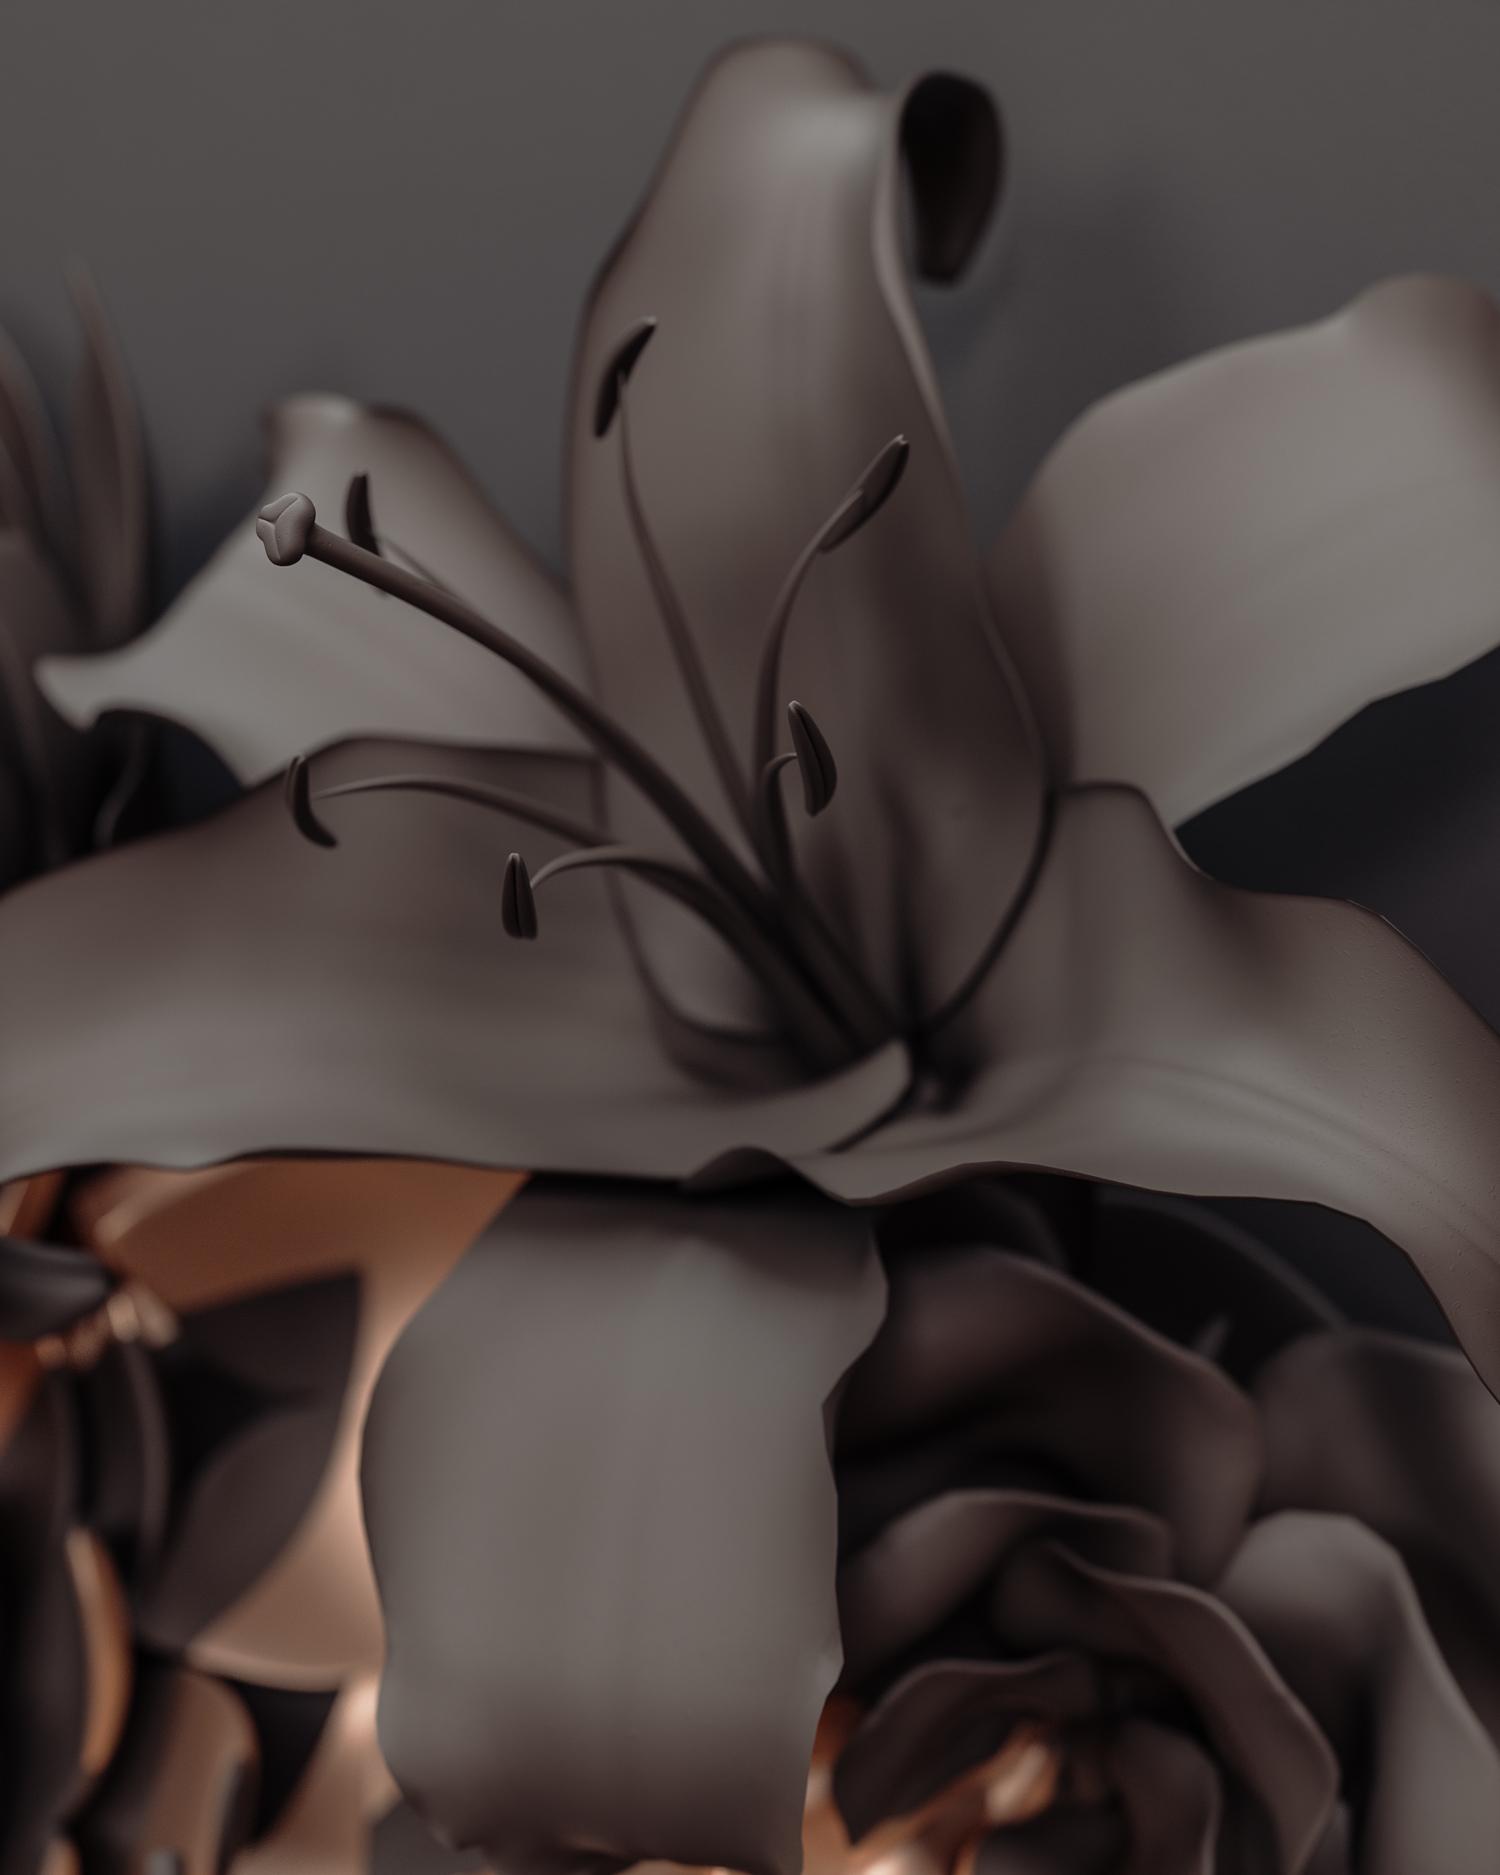 AnamorphicSculptures_Peace_Ben-Fearnley-DOF-02.jpg